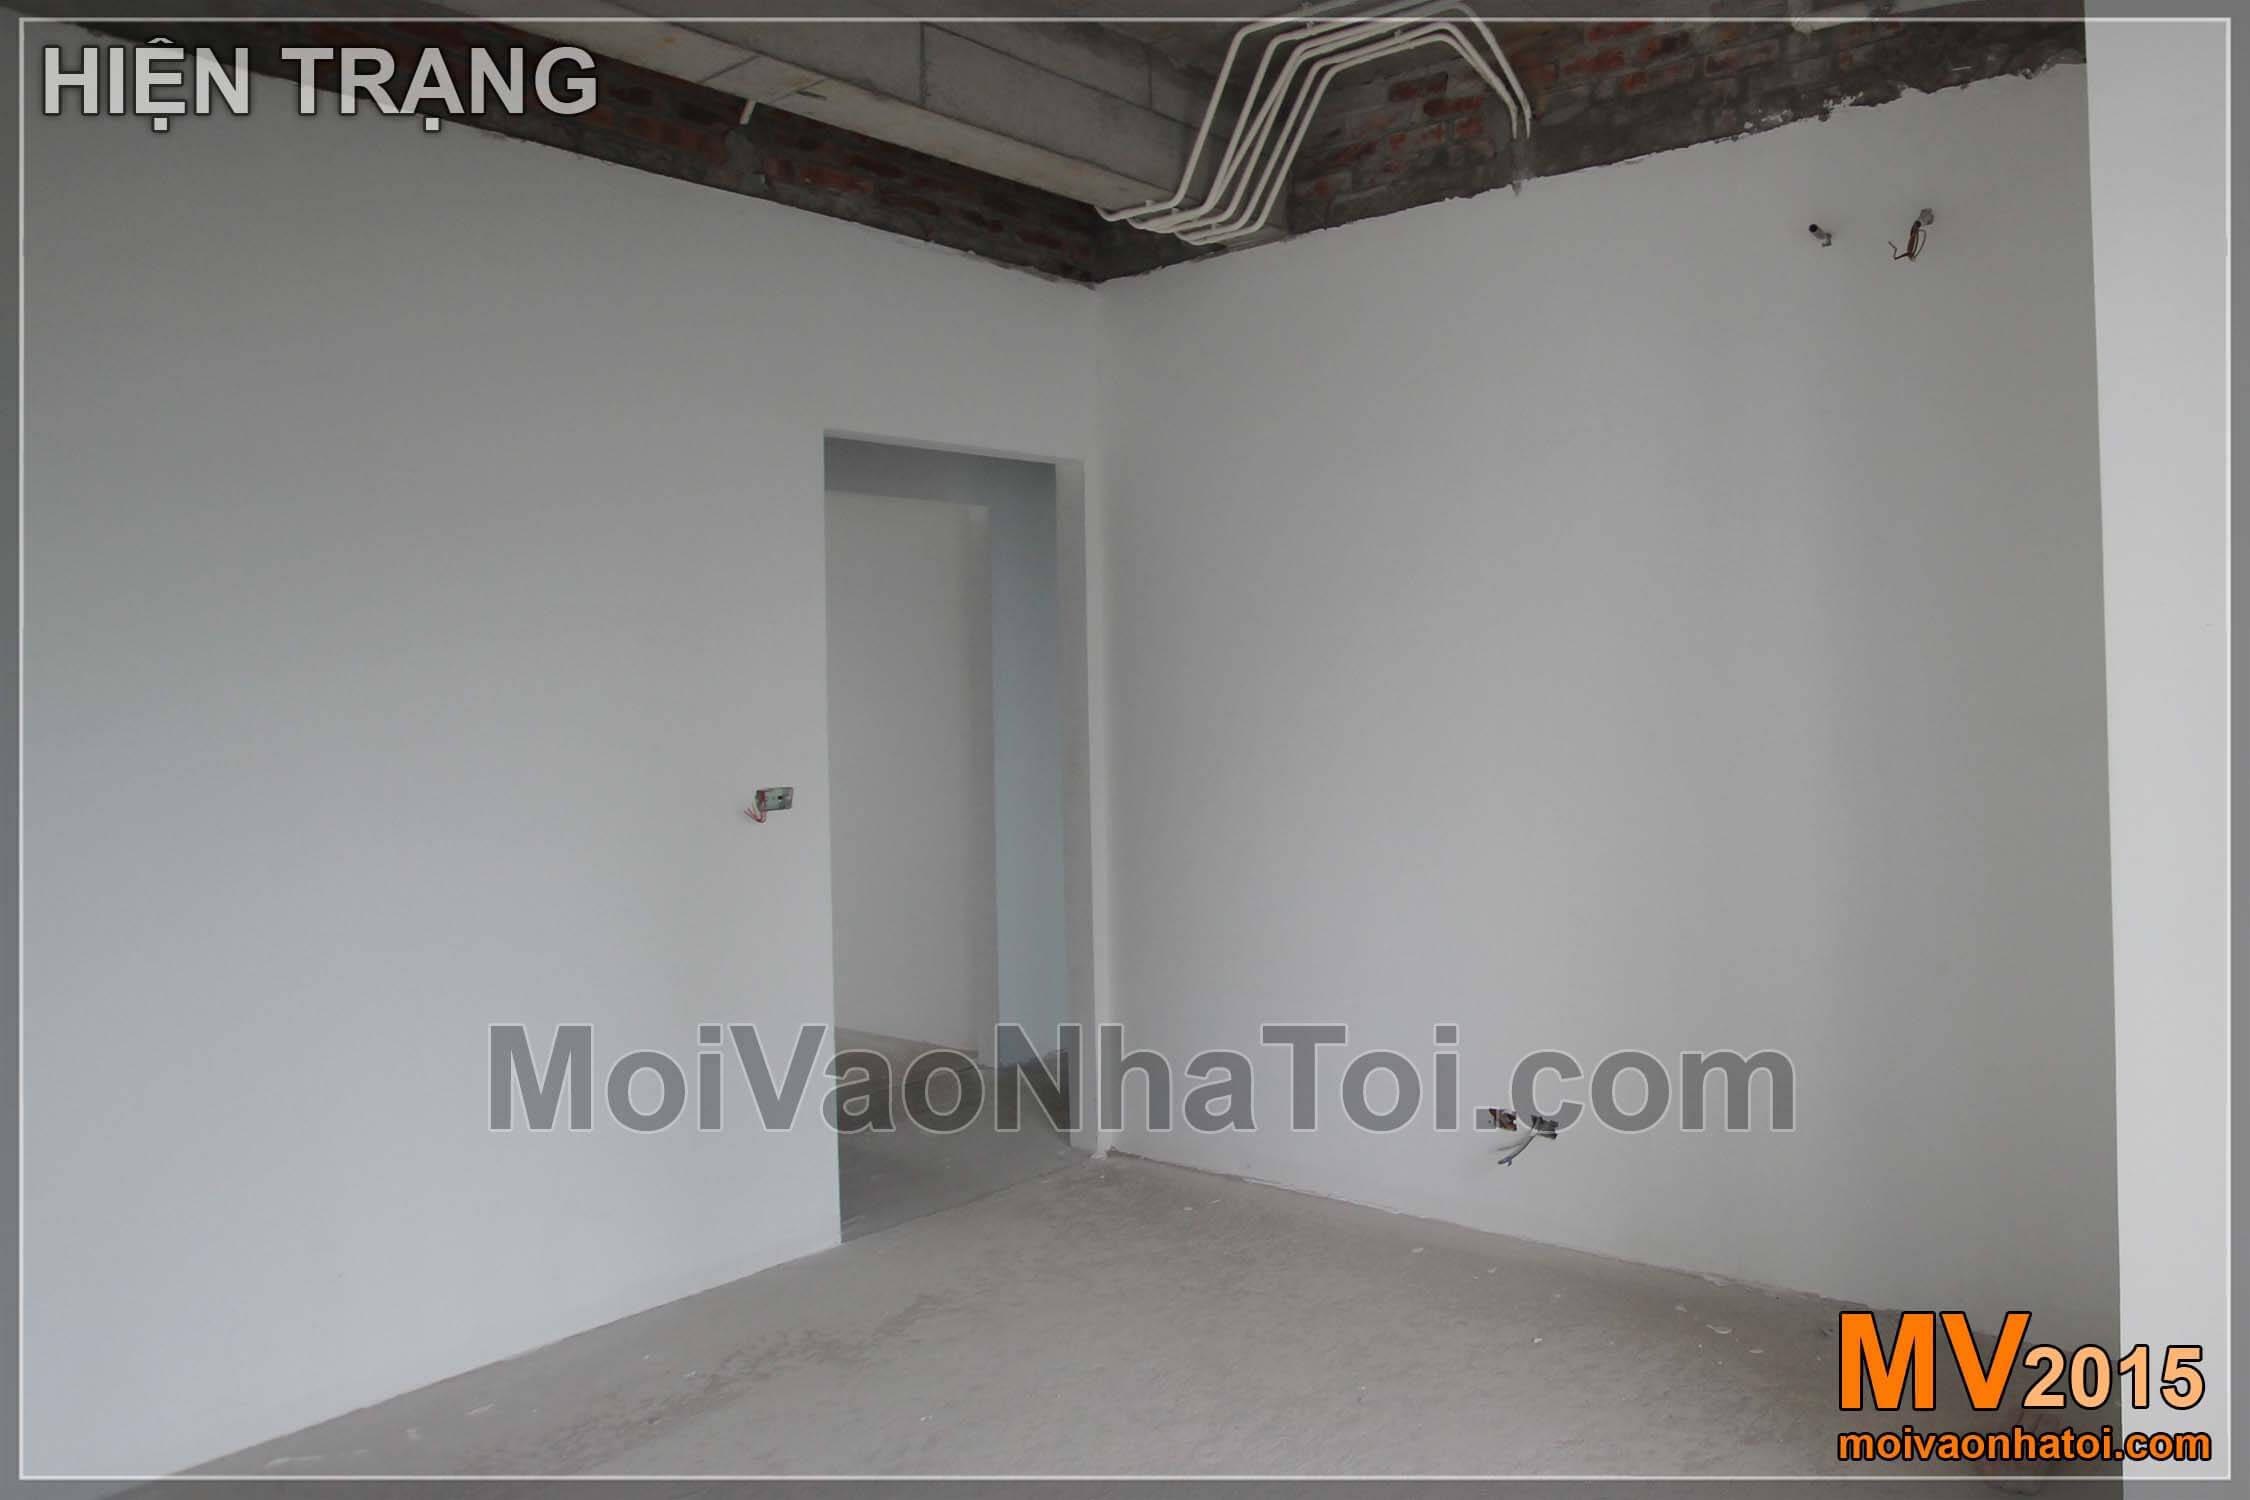 睡眠室正在建造黄金宫140平方米的公寓